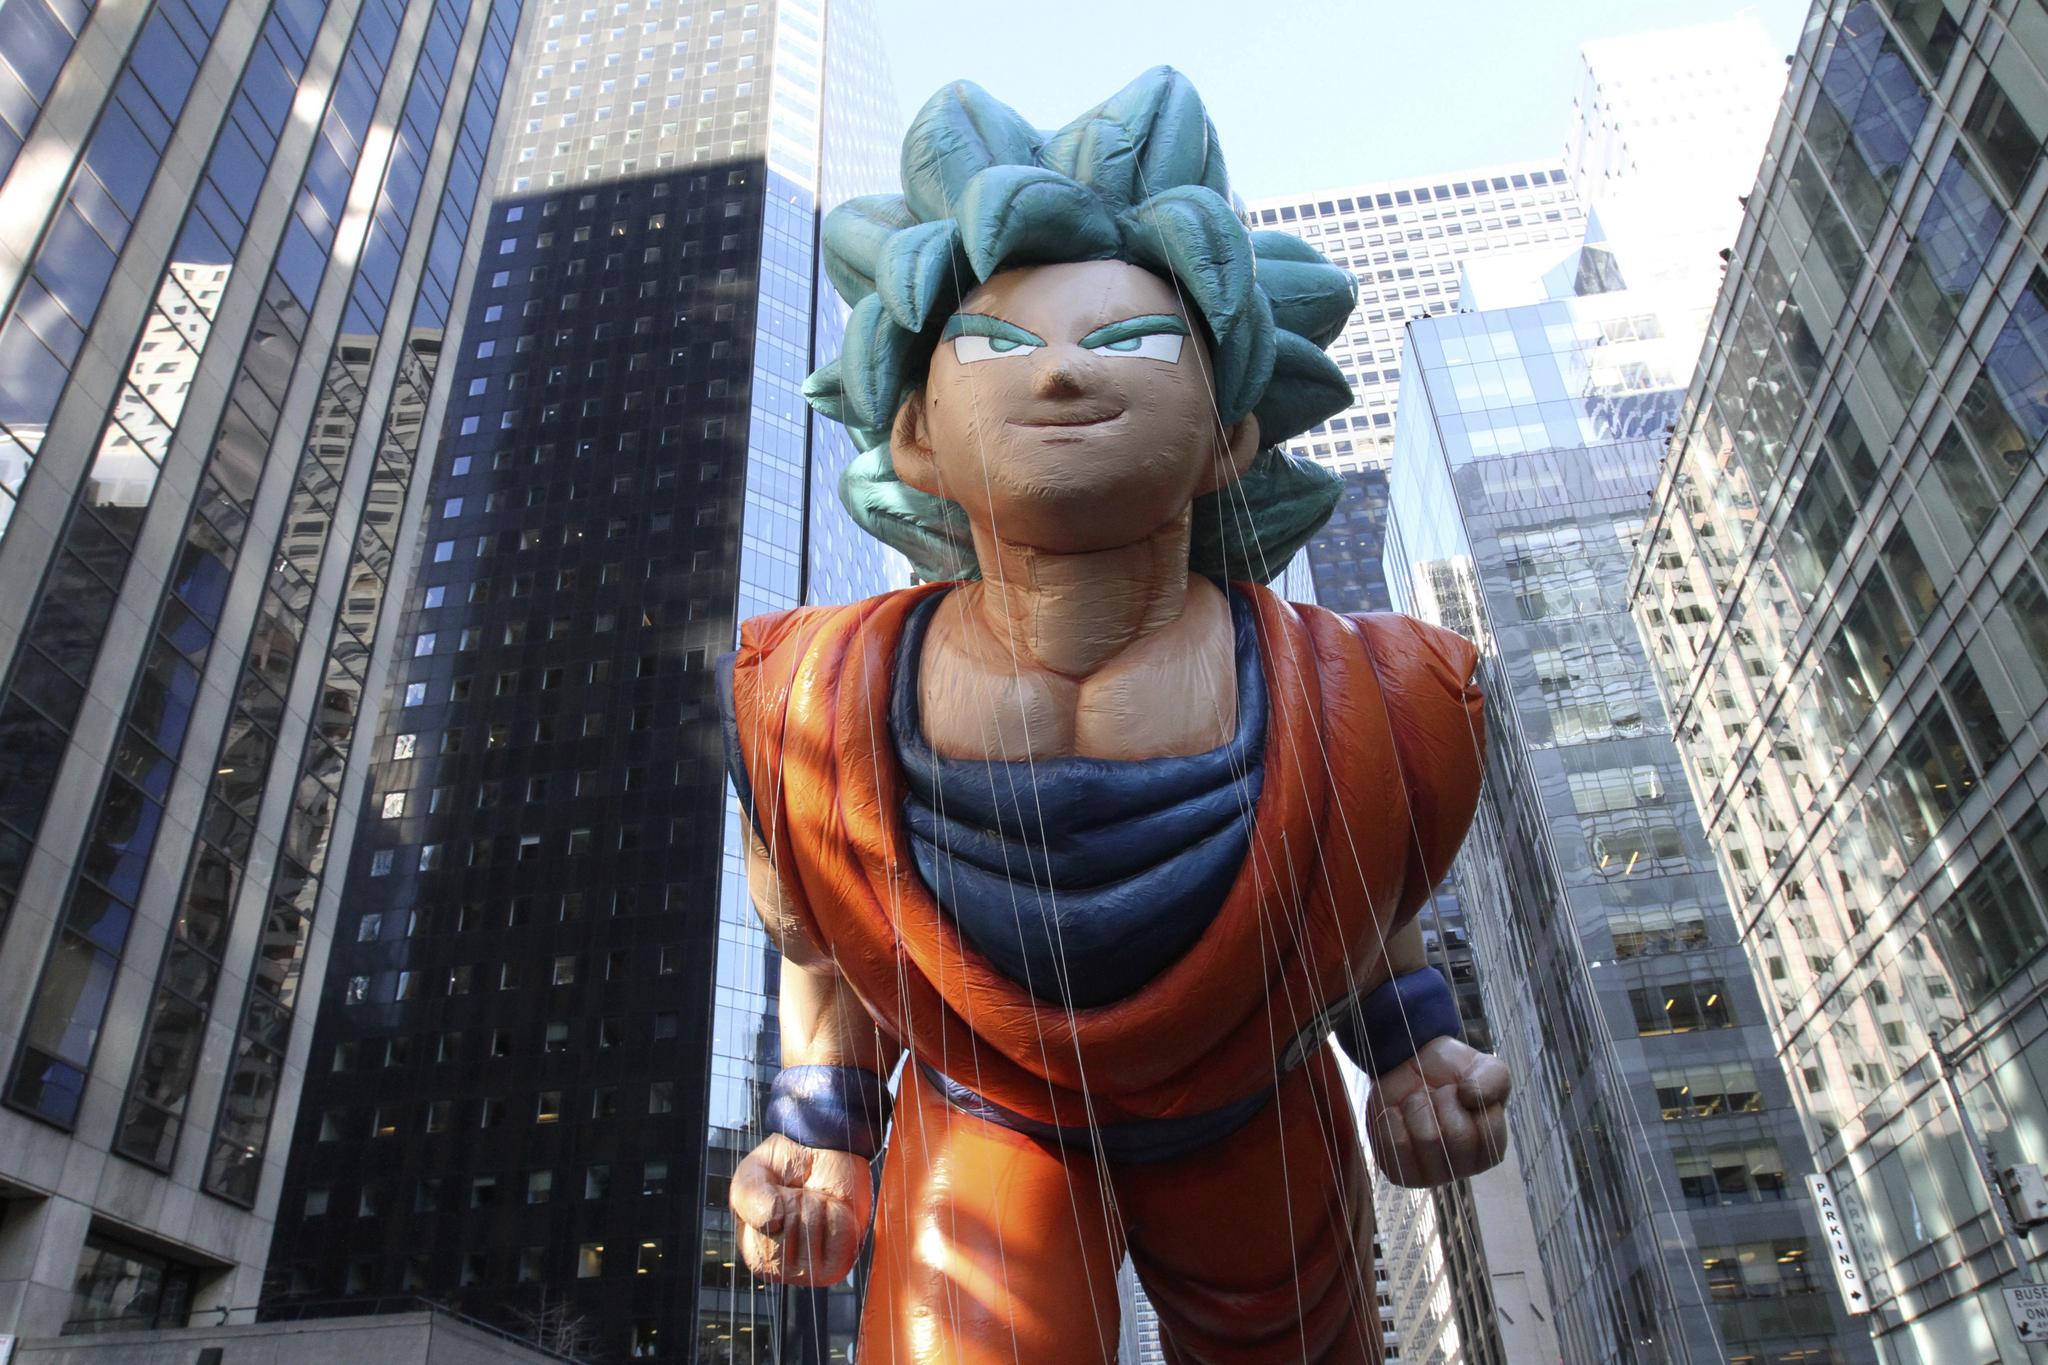 미국의 최대 명절인 추수감사절을 맞은 22일(현지시간) 미국 곳곳에서 화려한 축제가 펼쳐졌다. 이날 뉴욕에서 열린 메이시스 퍼레이드에 등장한 대형 손오공 풍선. [AP=연합뉴스]